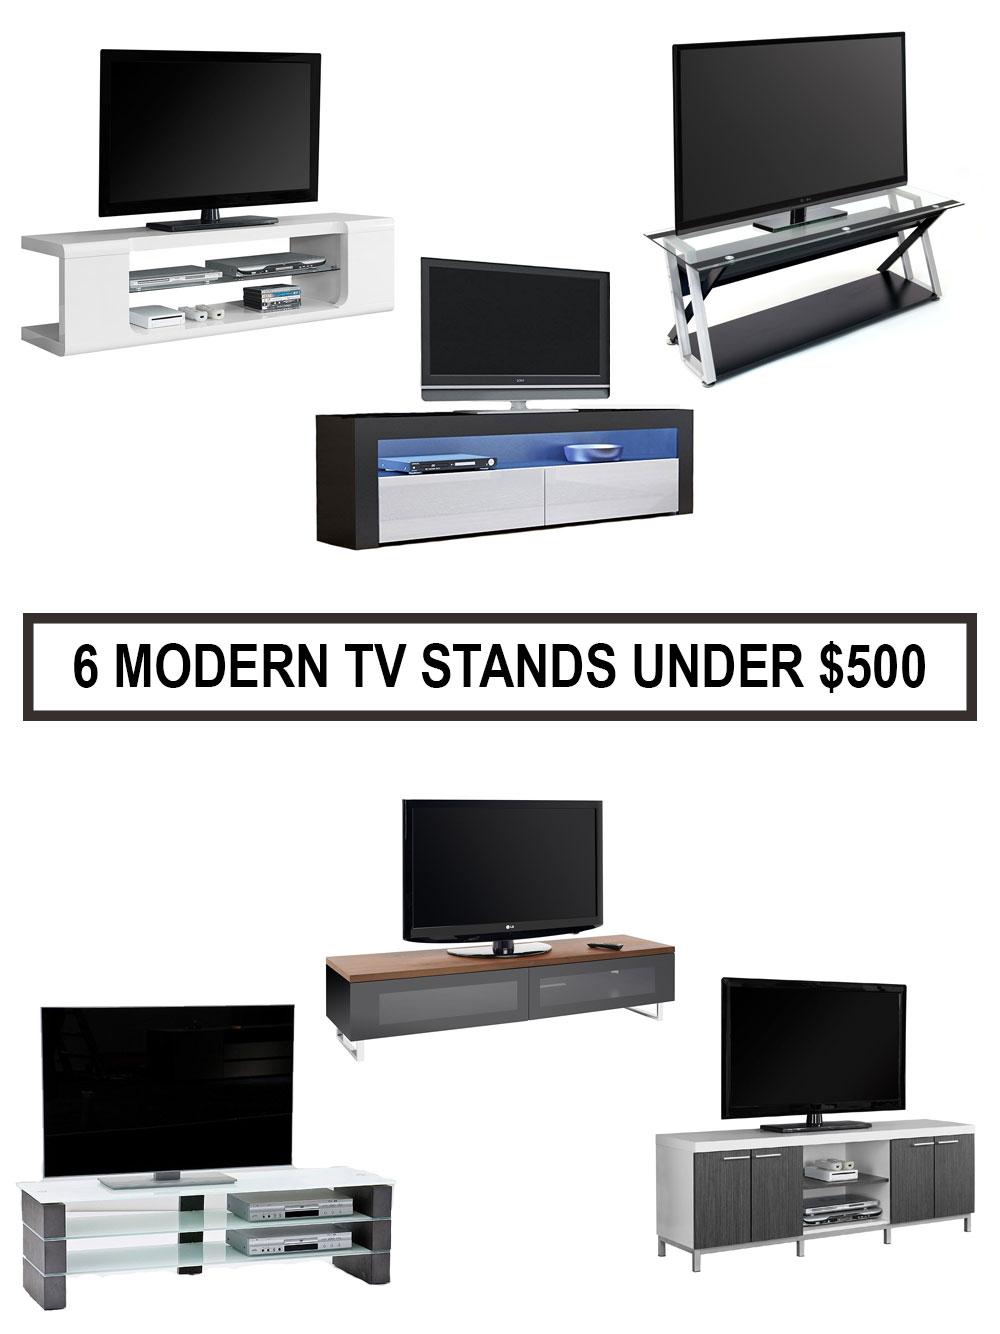 Best Modern TV Stands Under $500